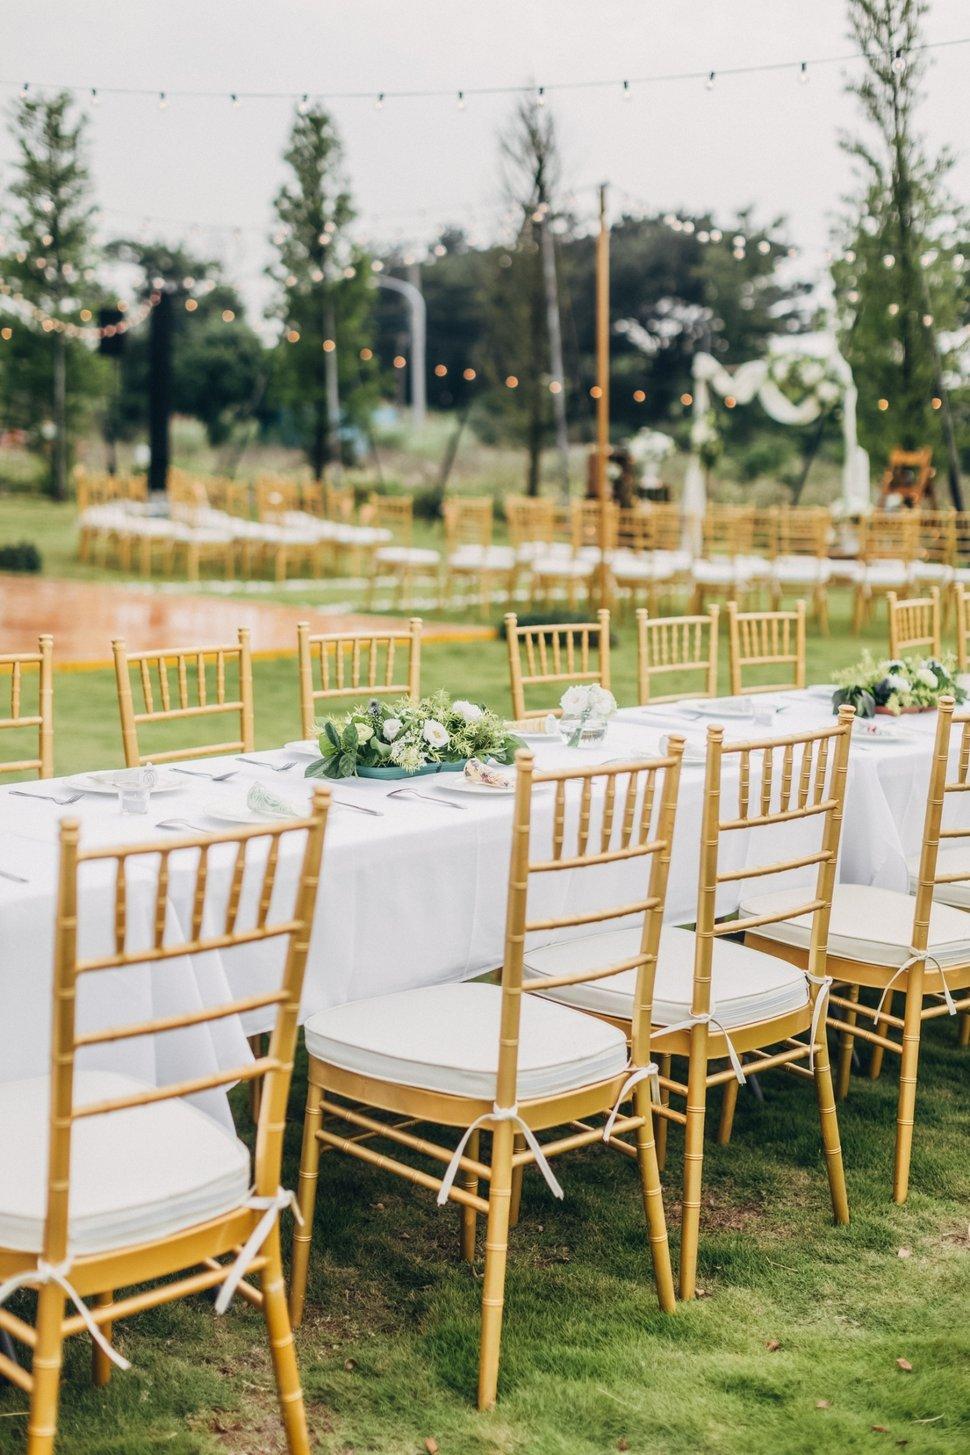 MH咖啡 美式鄉村婚宴_190108_0025 - 薇絲山庭草原夜景婚宴會館《結婚吧》